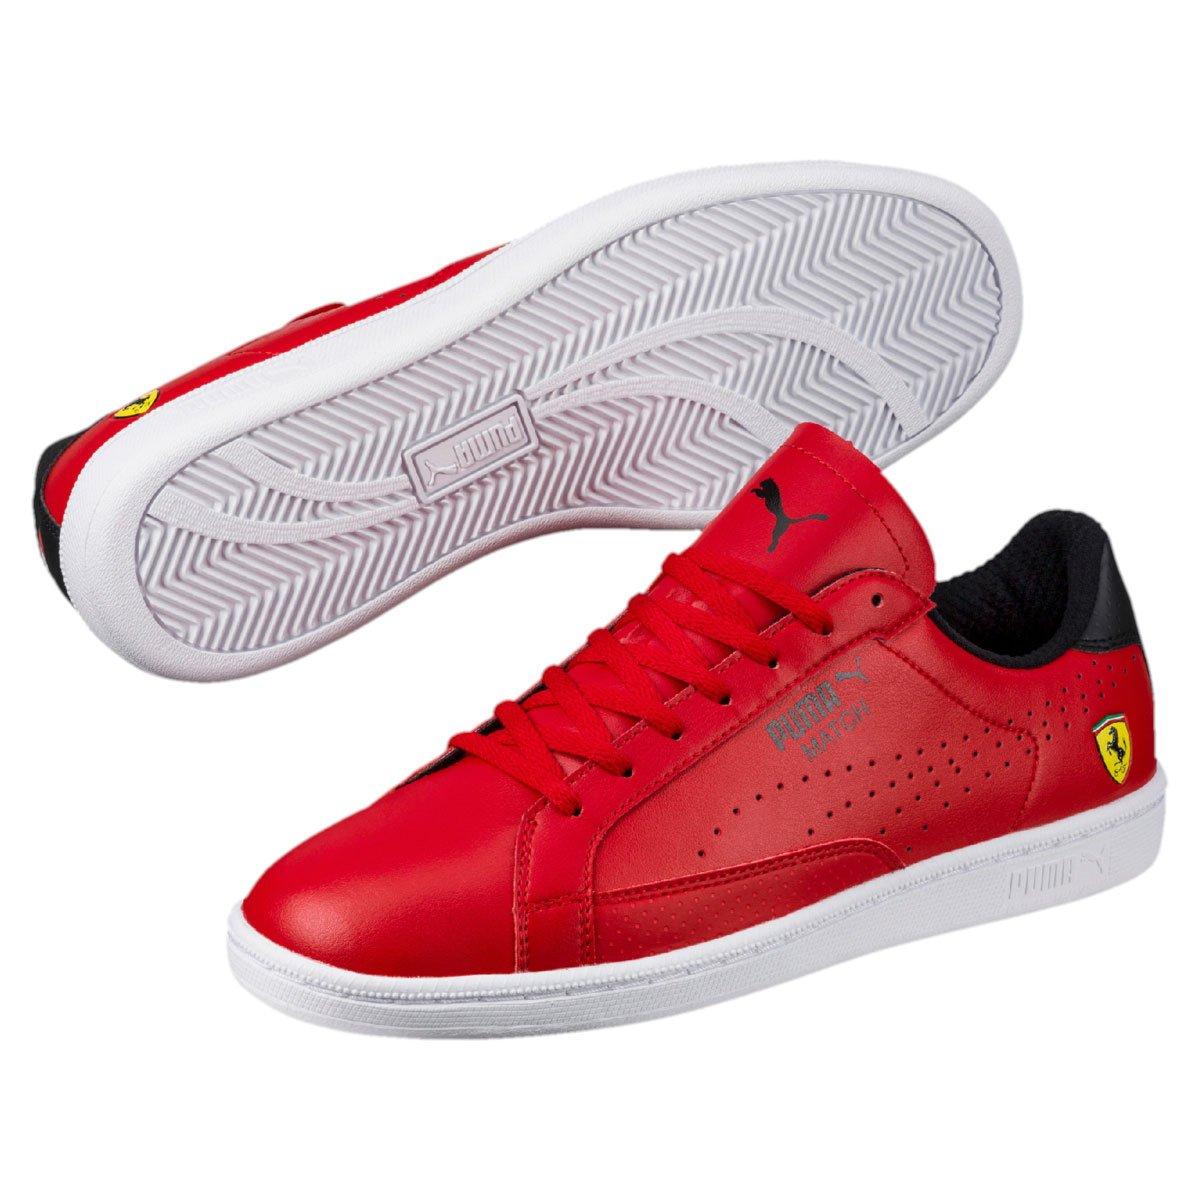 ... uk tenis match caballero ferrari puma 1fbb8 f0b79 ... f70778905703b